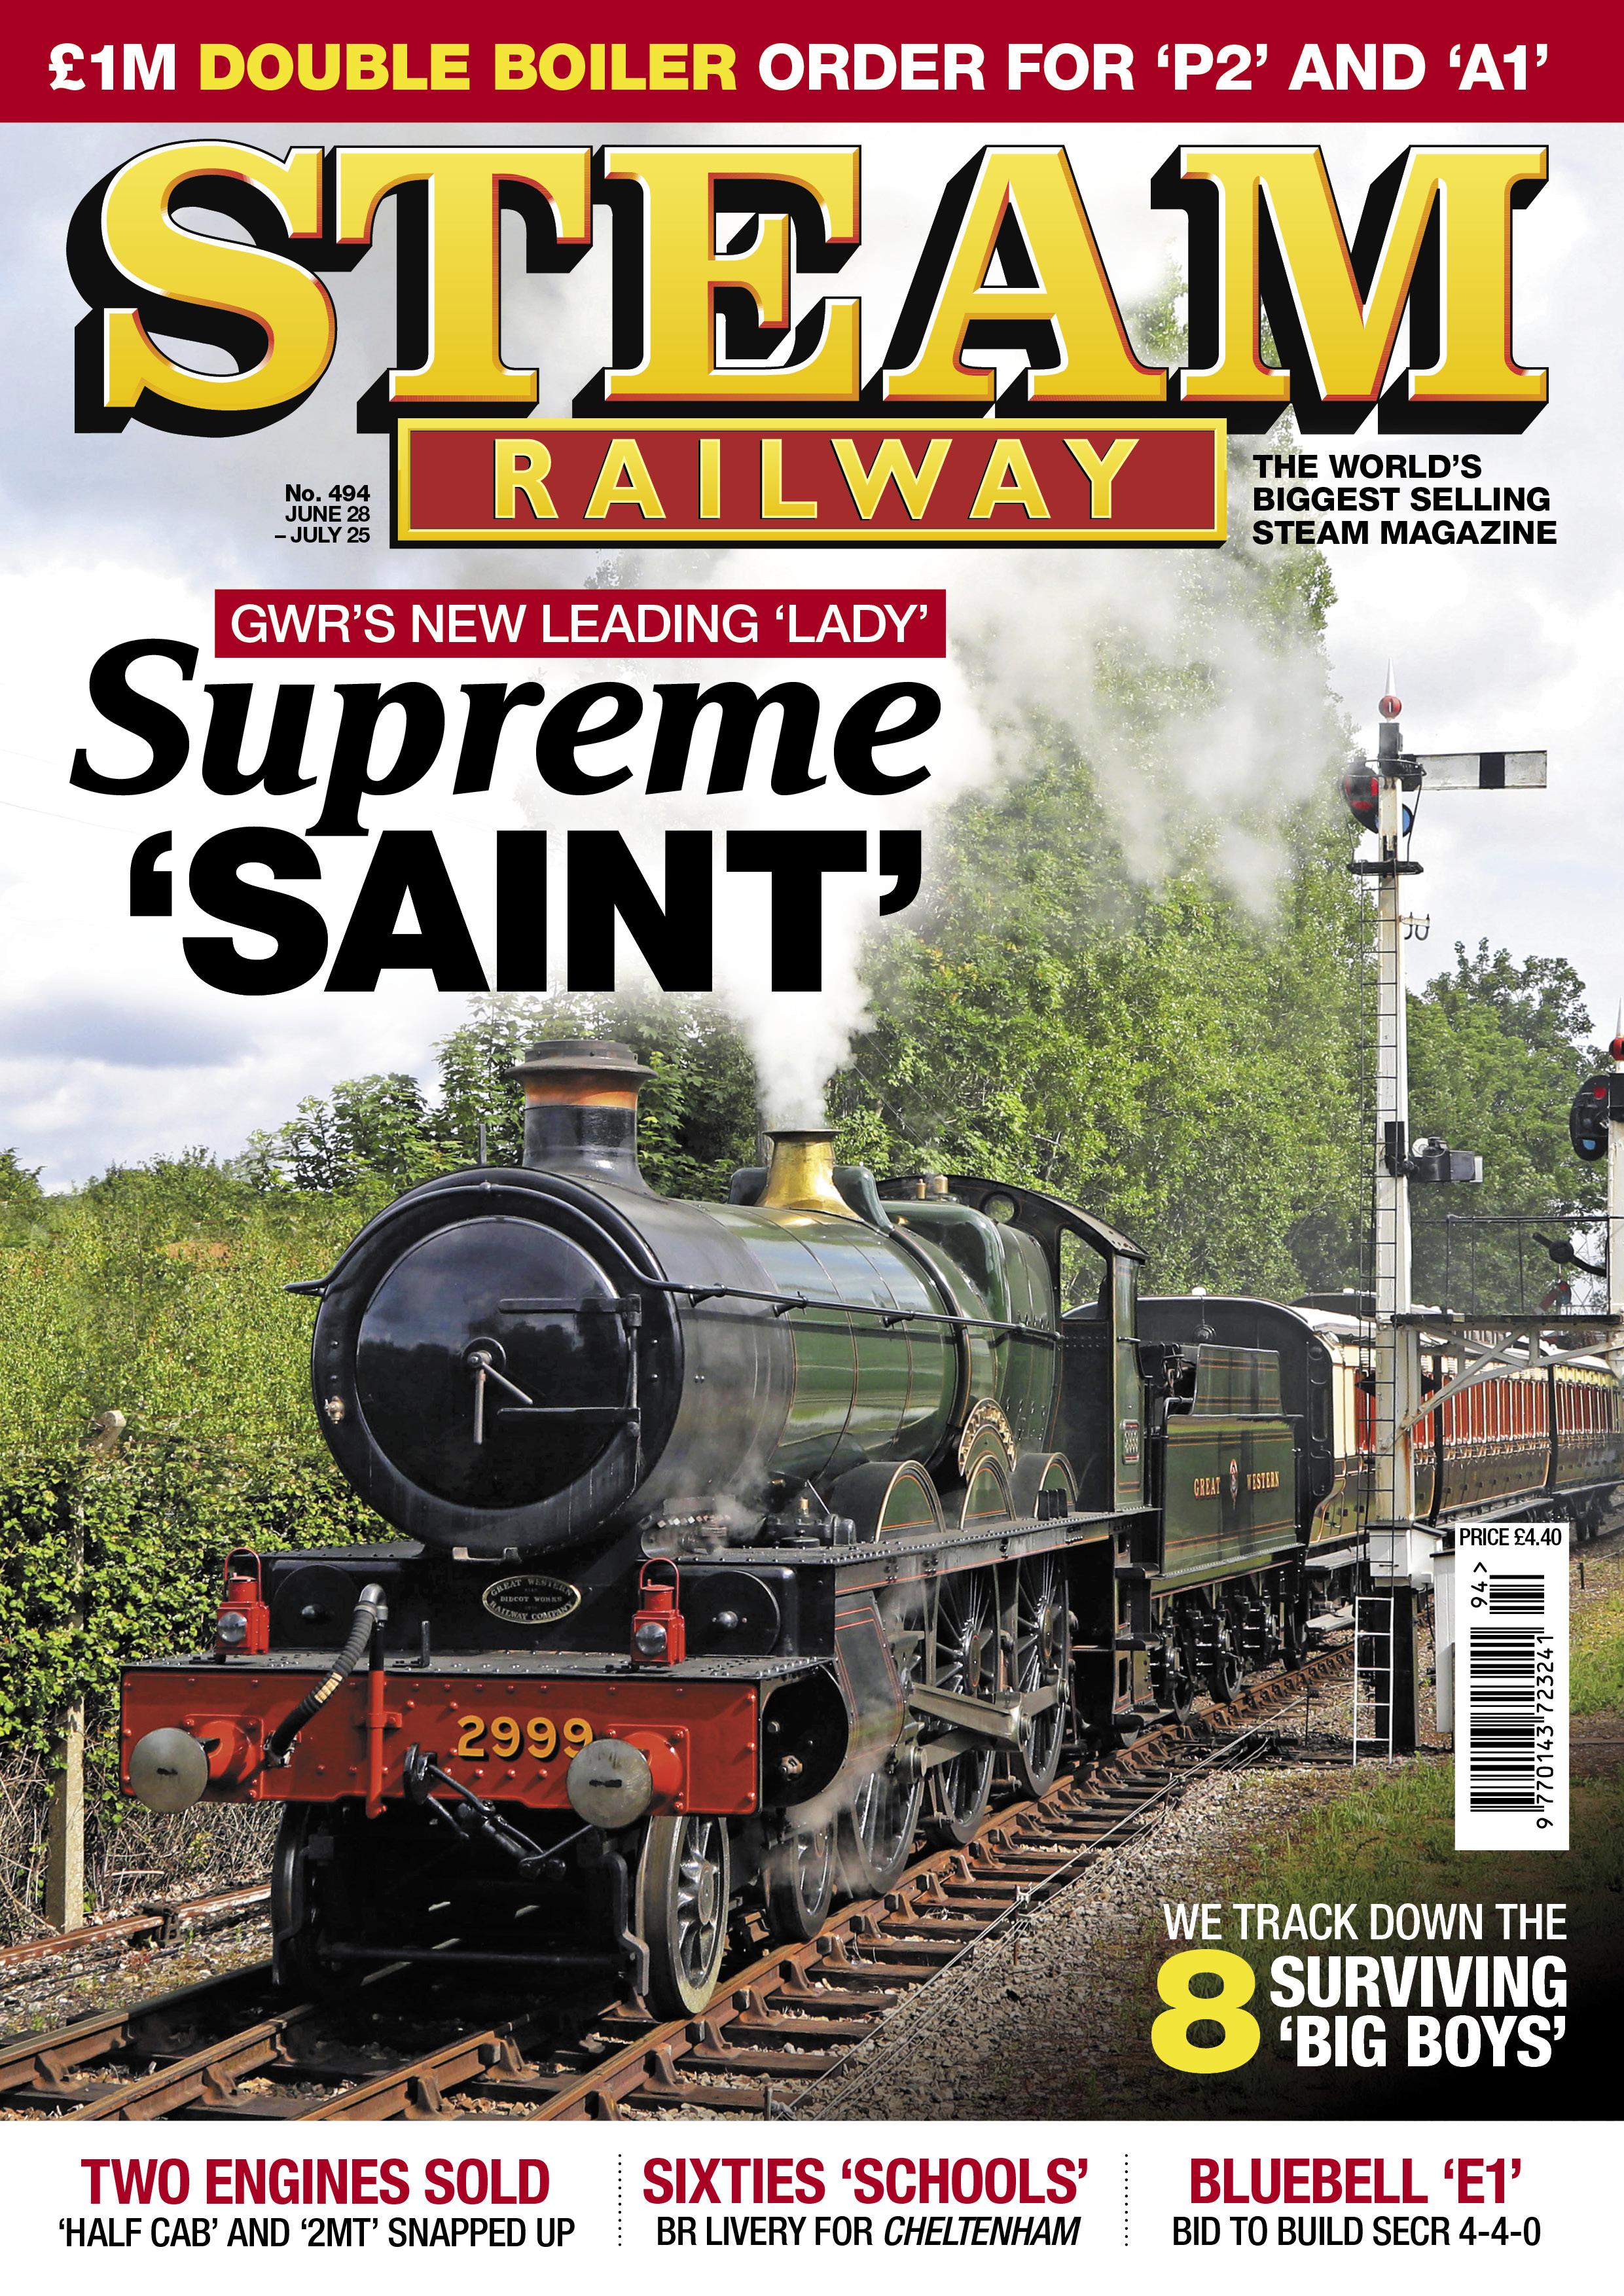 SR Newsletter June 28 Story 1.jpg